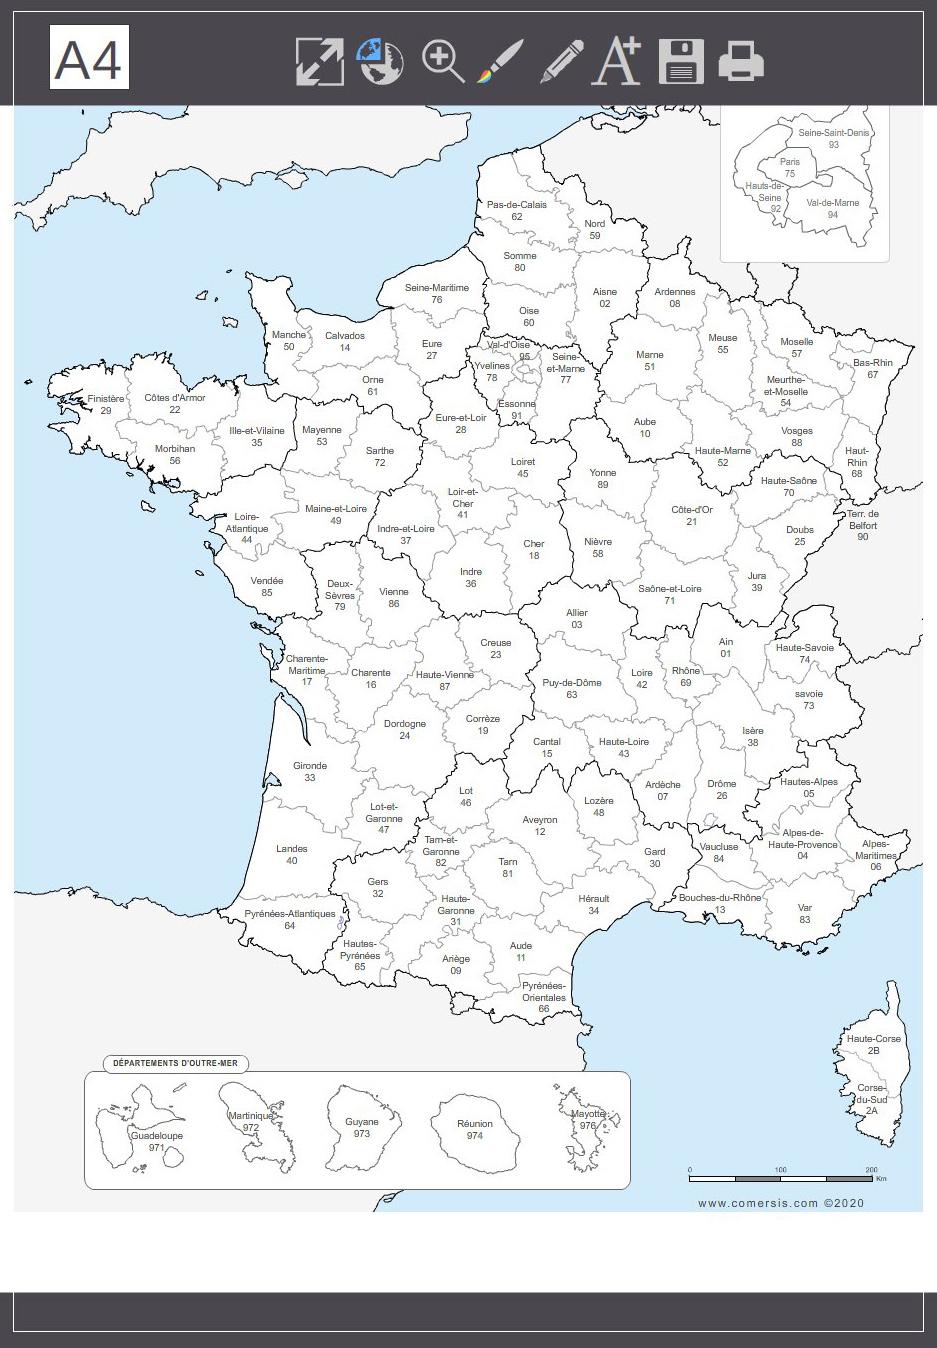 Carte Des Dpt De France   My Blog dedans Liste Departement Francais Pdf